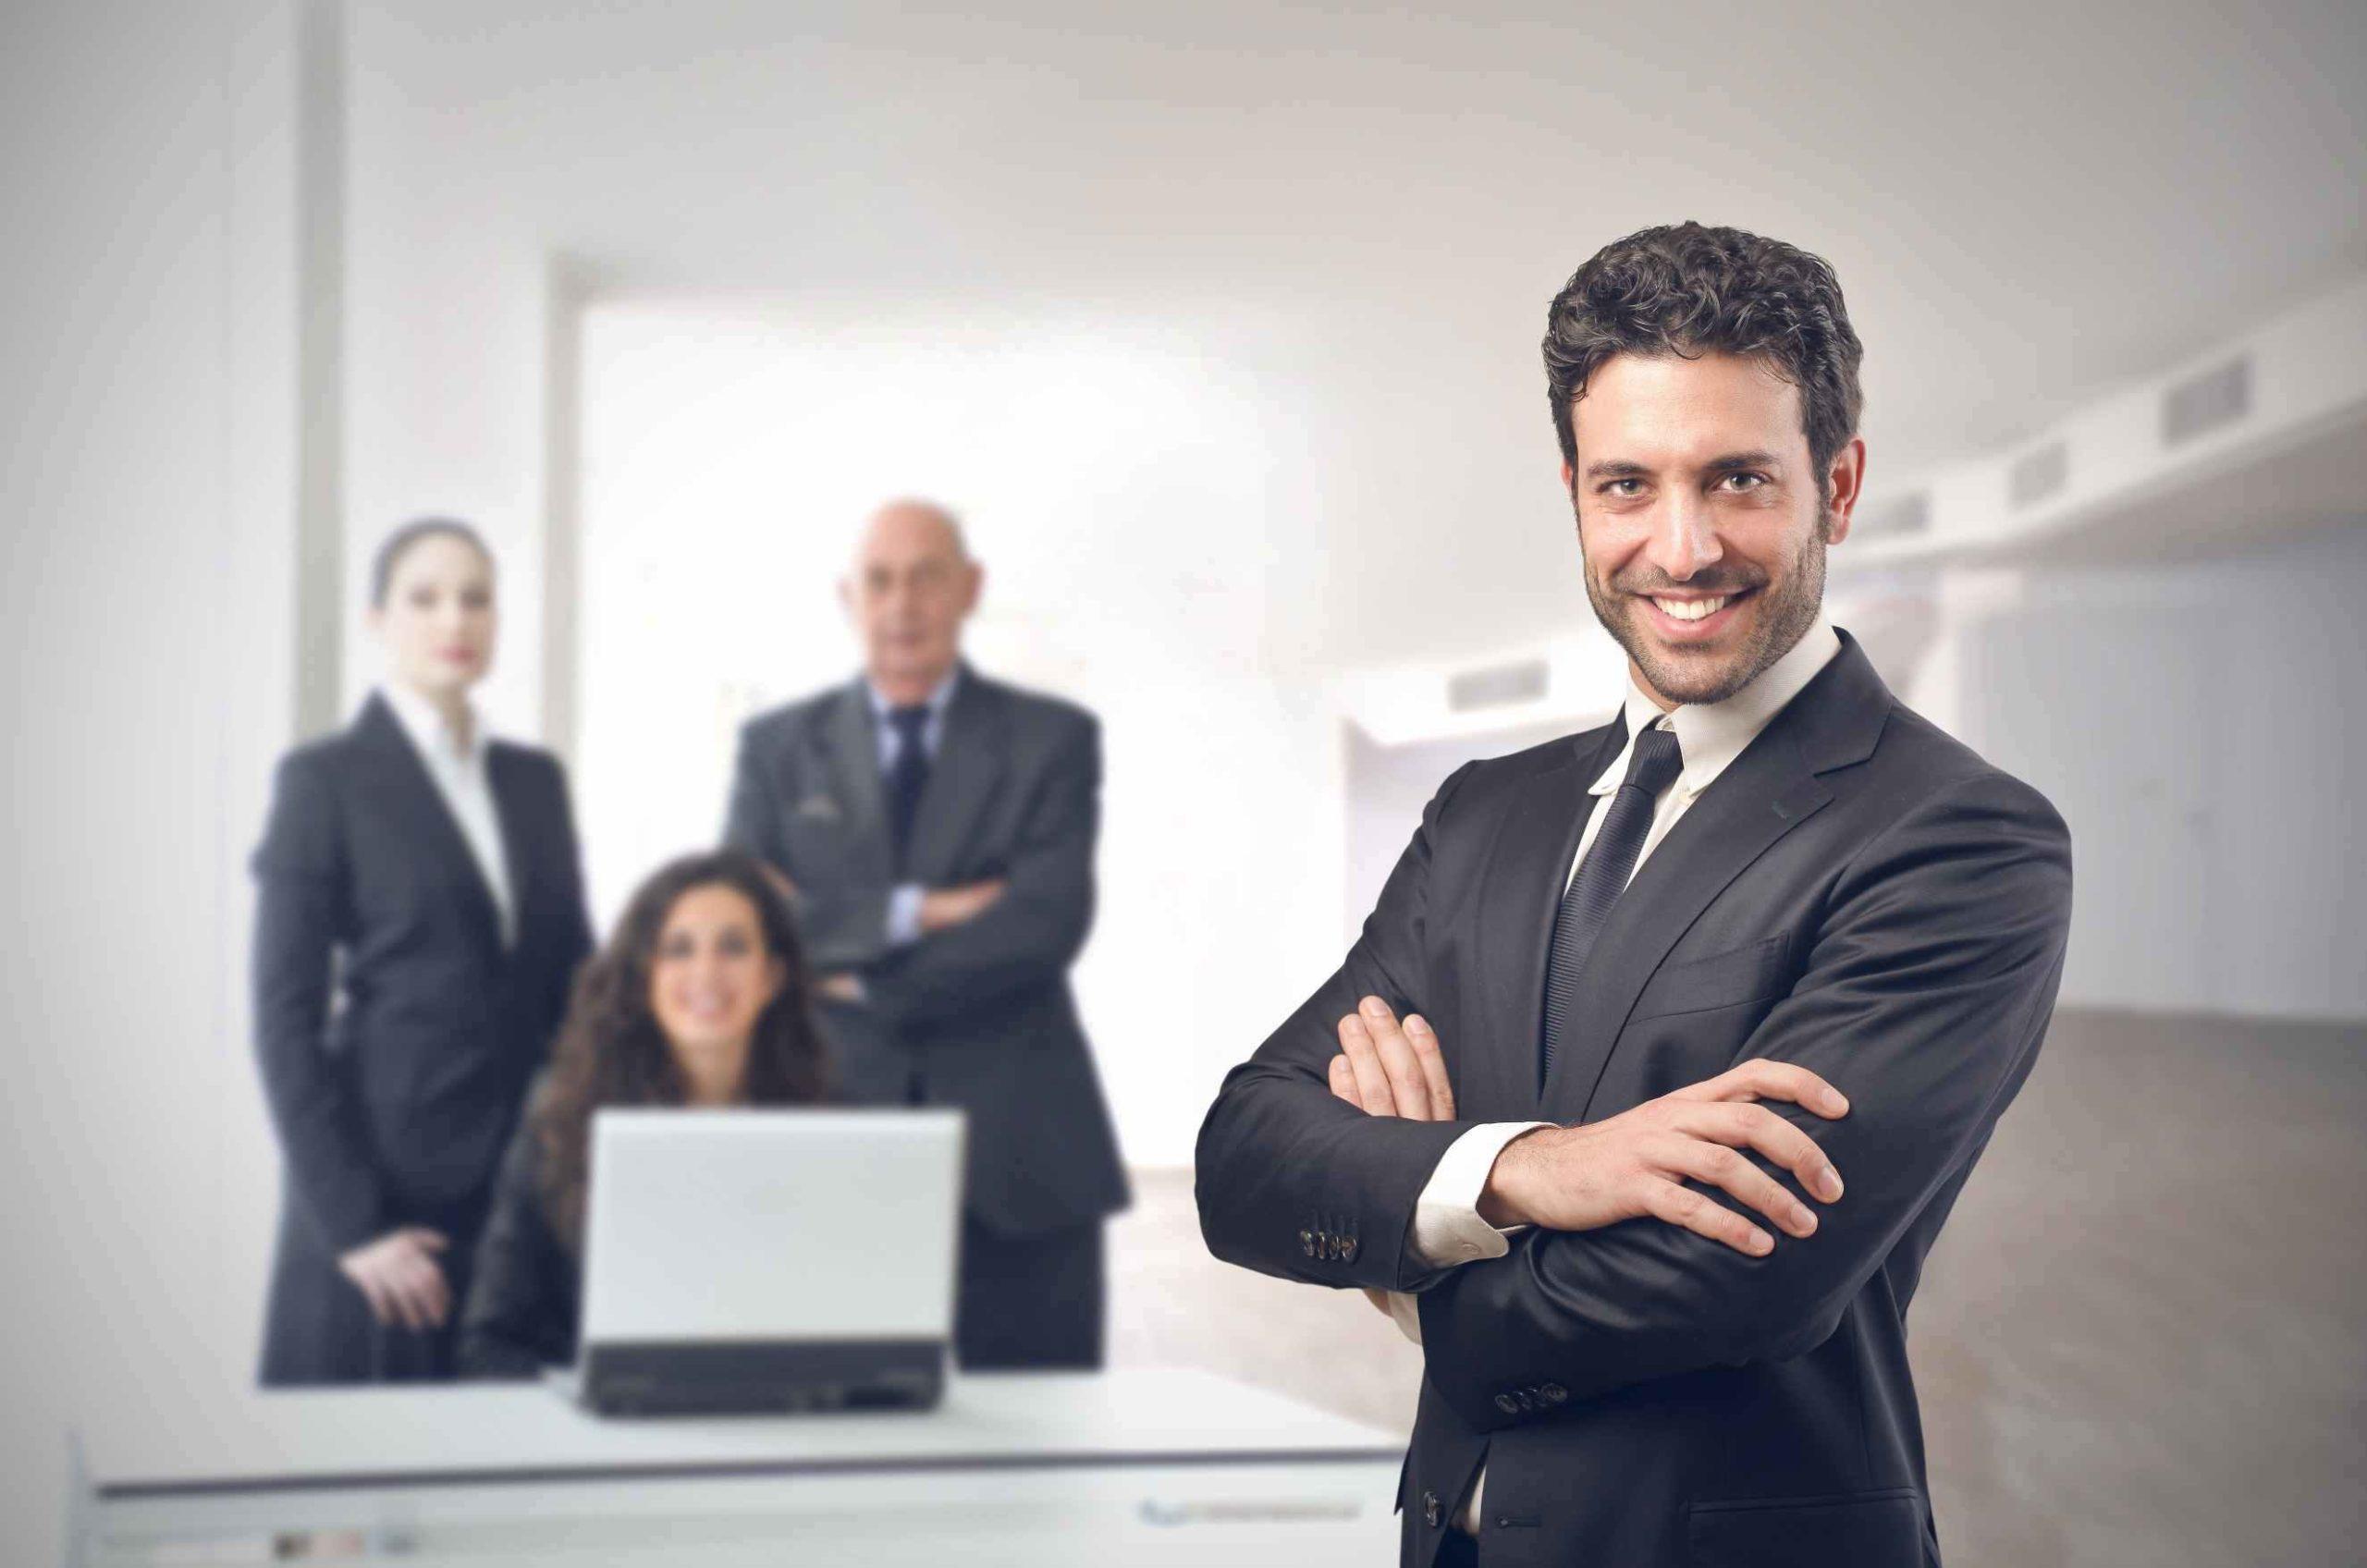 Bí quyết xây dựng và duy trì các mối quan hệ trong công việc?